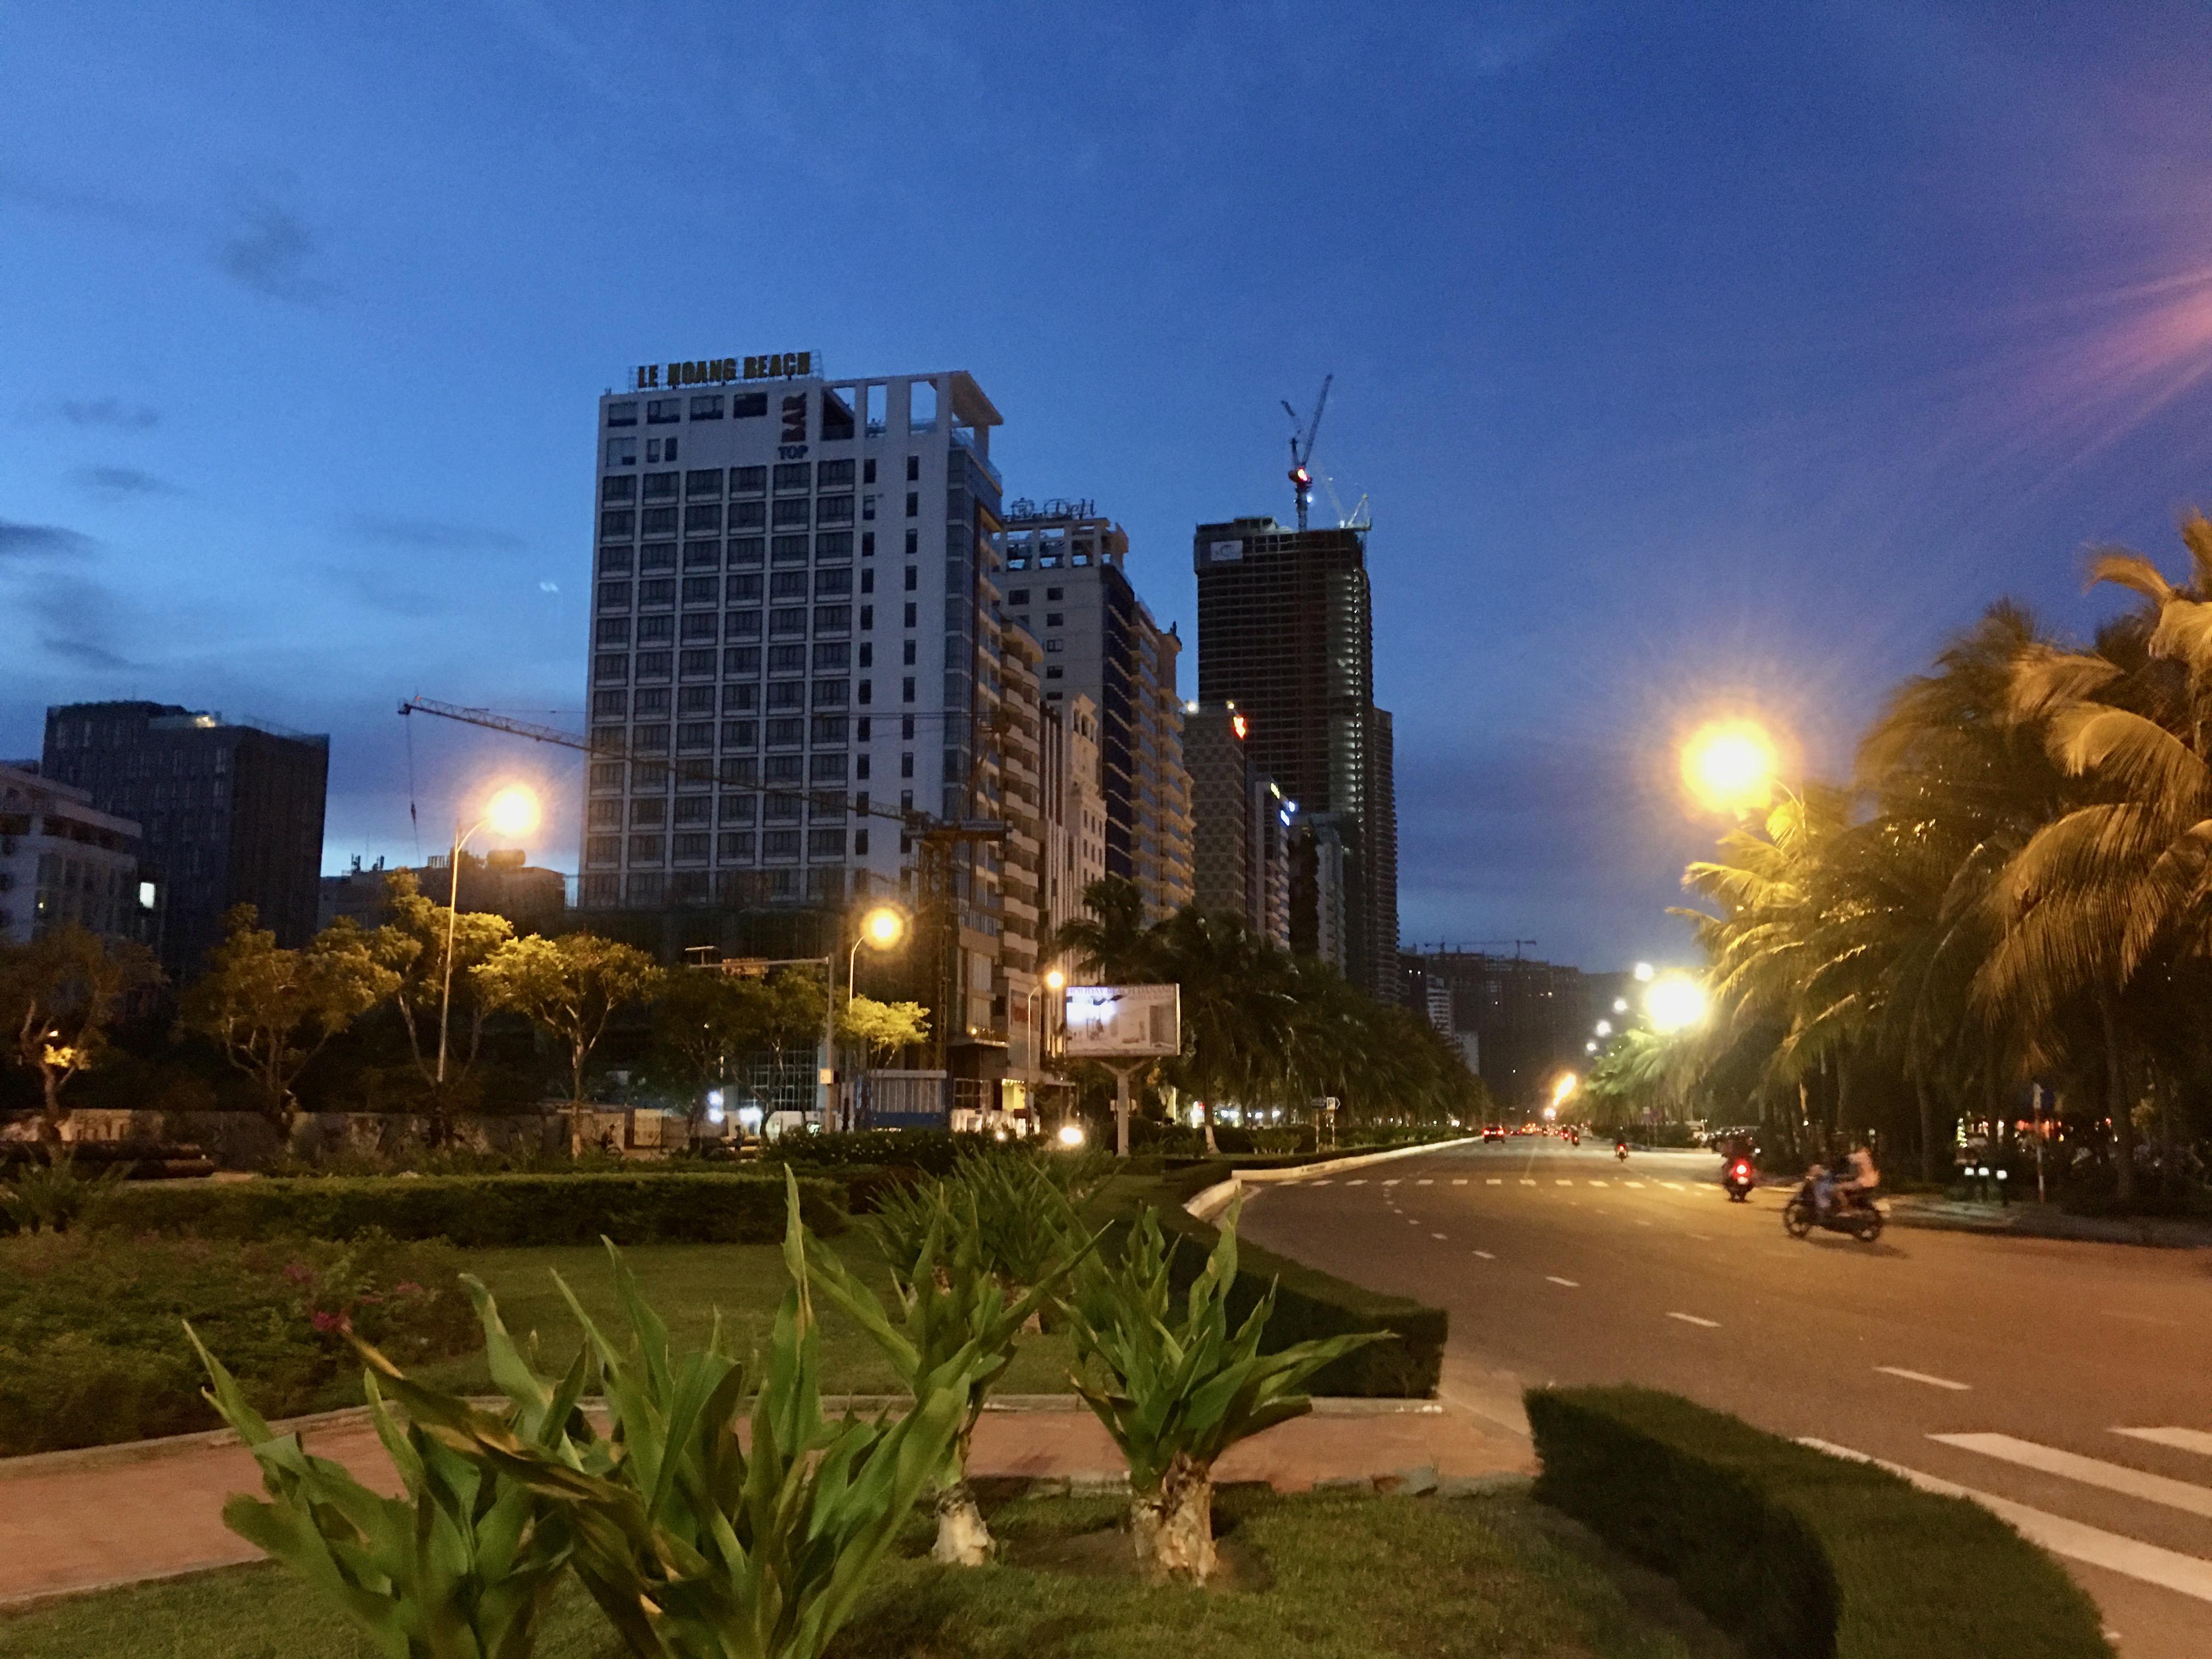 Phố khách sạn Đà Nẵng 'tối đèn', rao bán hàng trăm tỉ đồng - Ảnh 3.